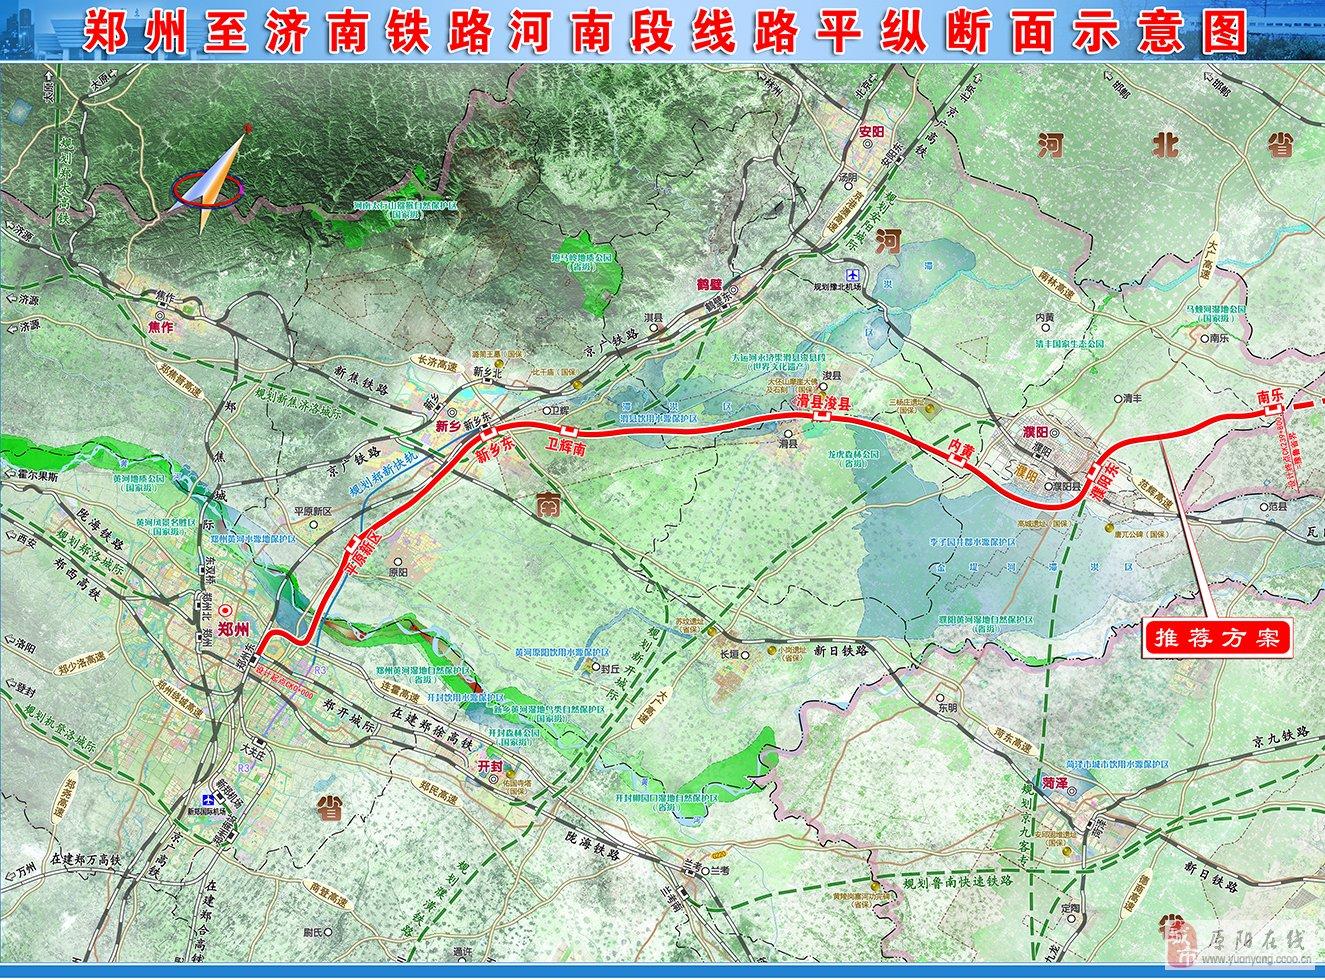 原阳终于要有火车站了:郑济铁路郑州至濮阳段将在原阳